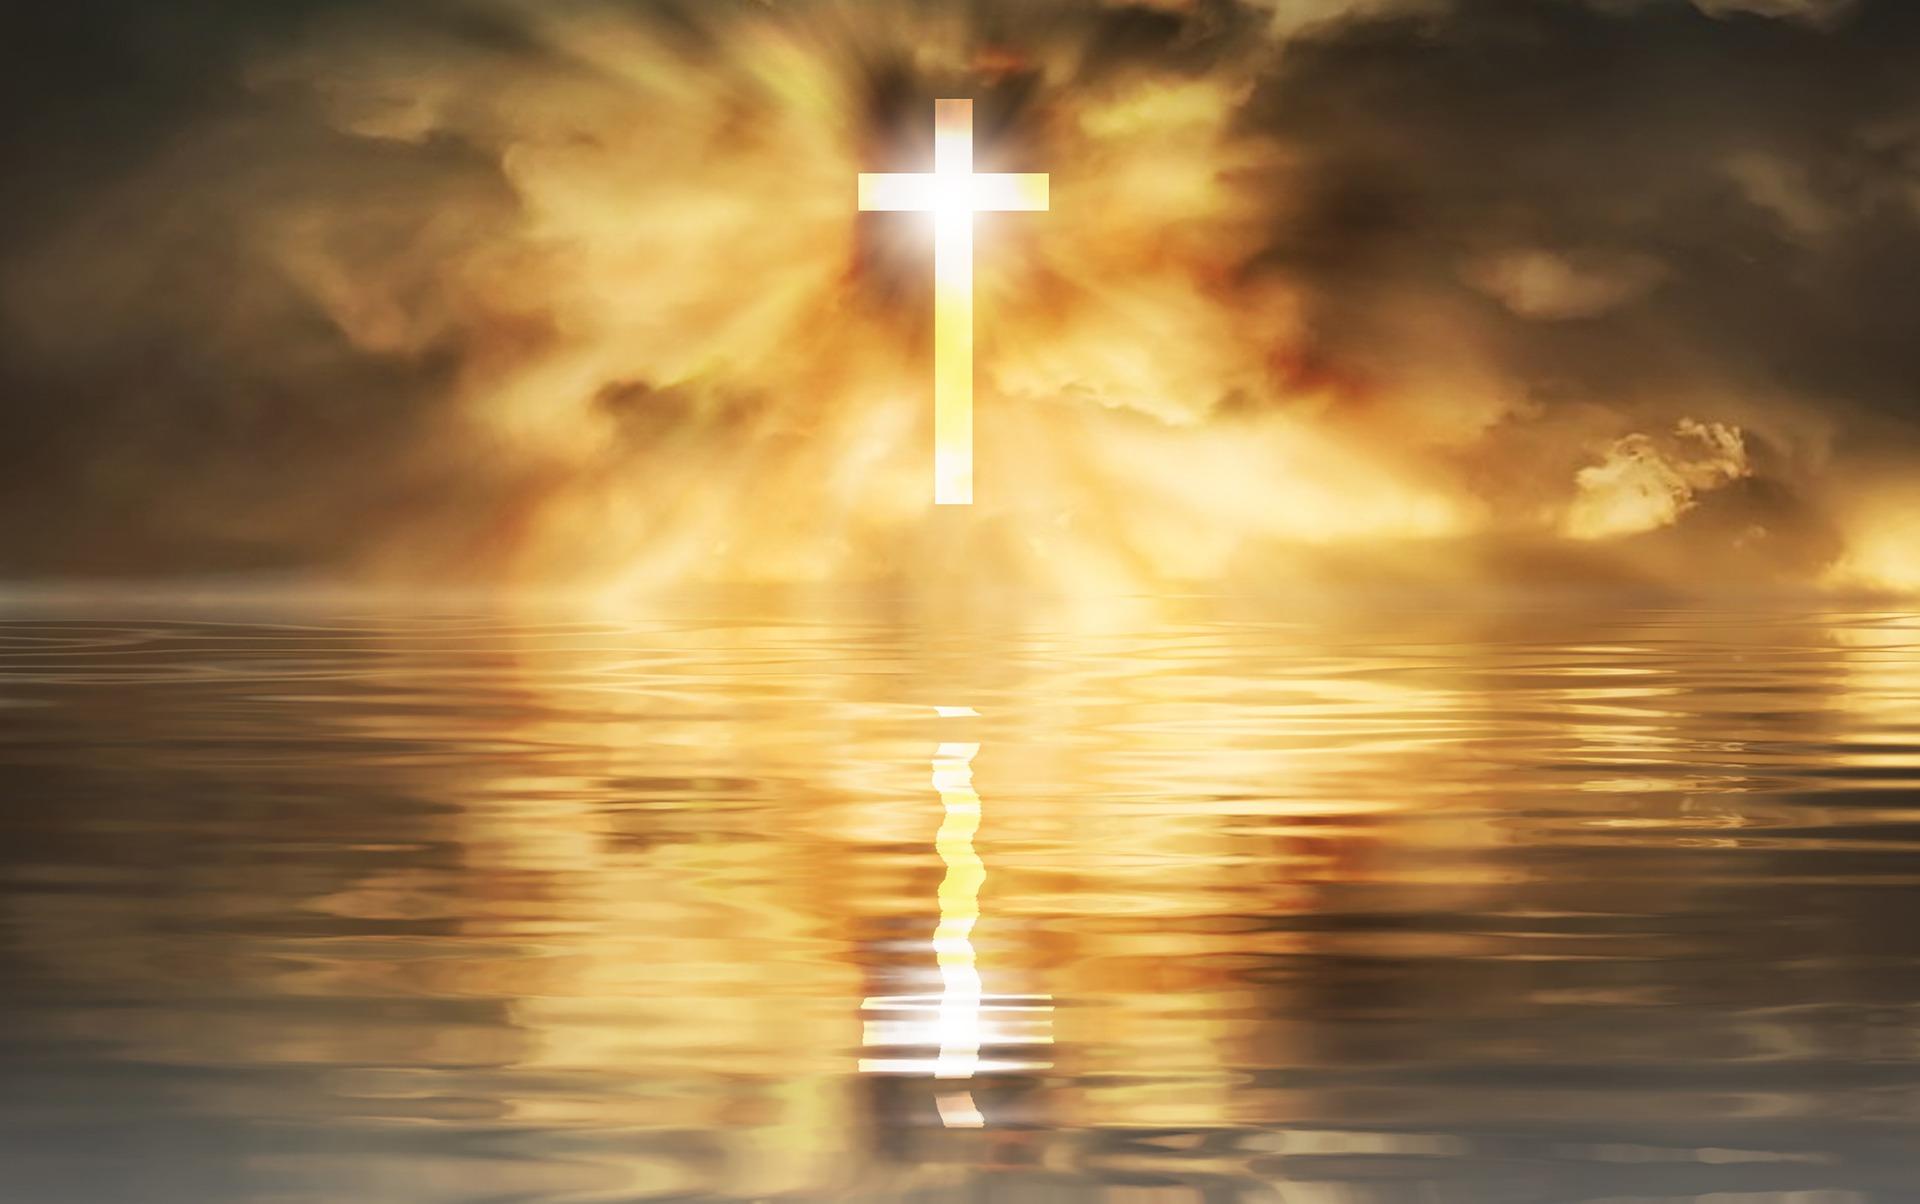 Gottes Liebe erlöst die Welt